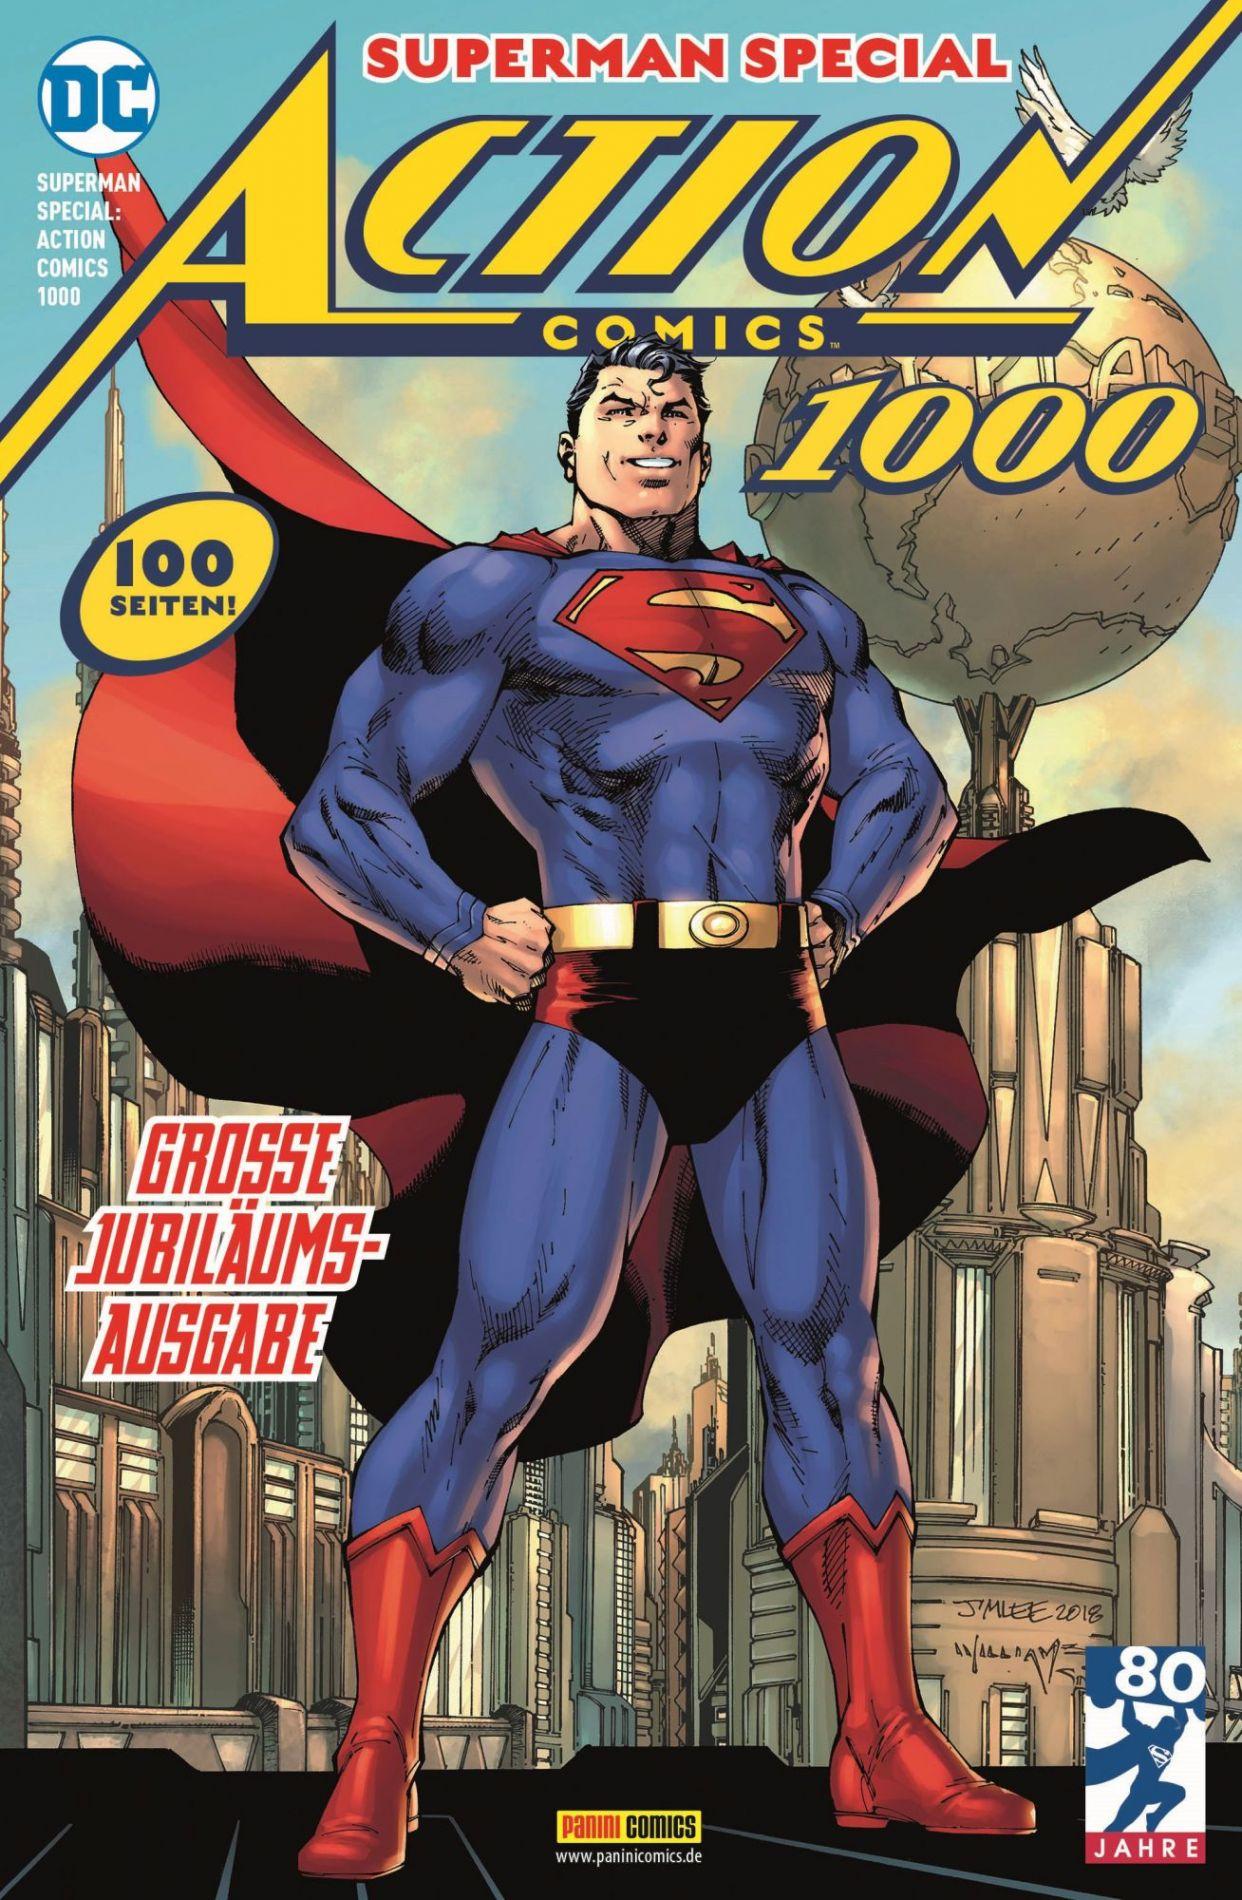 Superman Special - Action Comics 1000